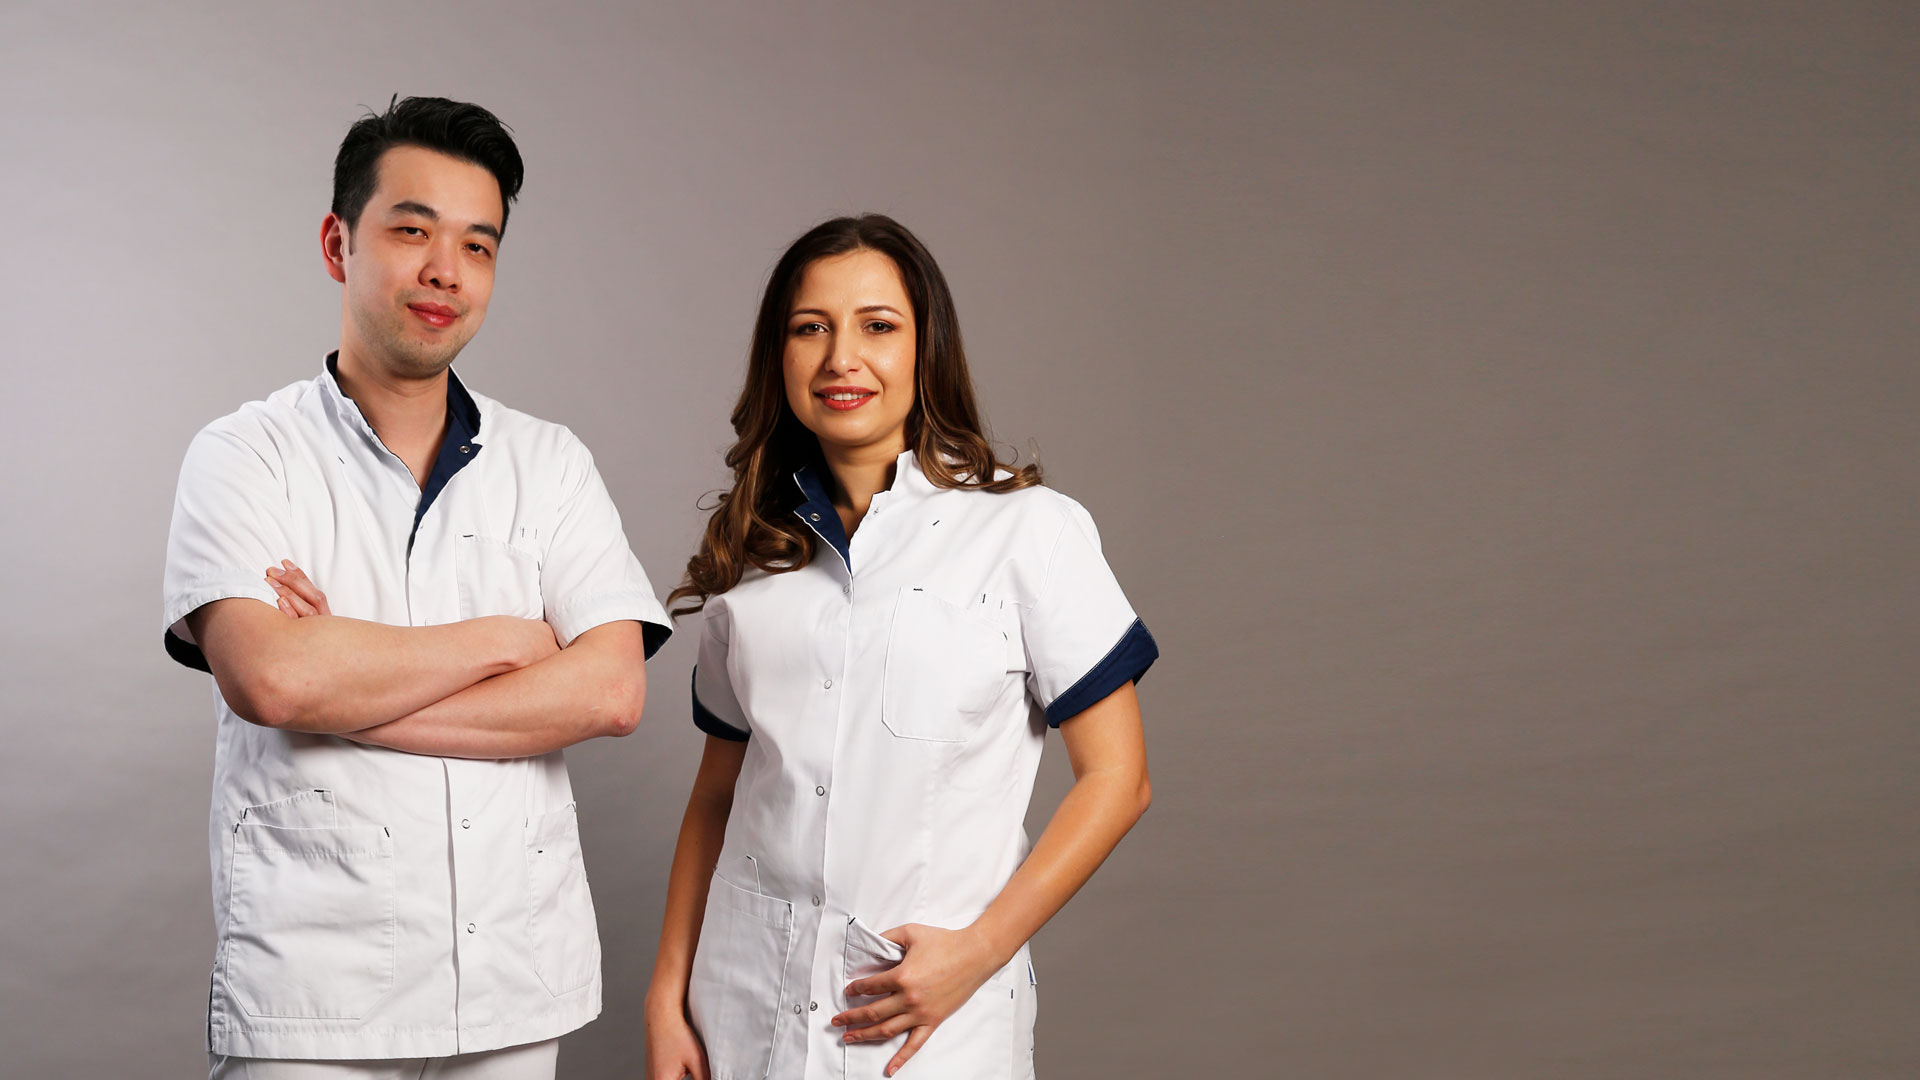 médecins Dr. Wing Yuen et les Dr. Stefania Stana